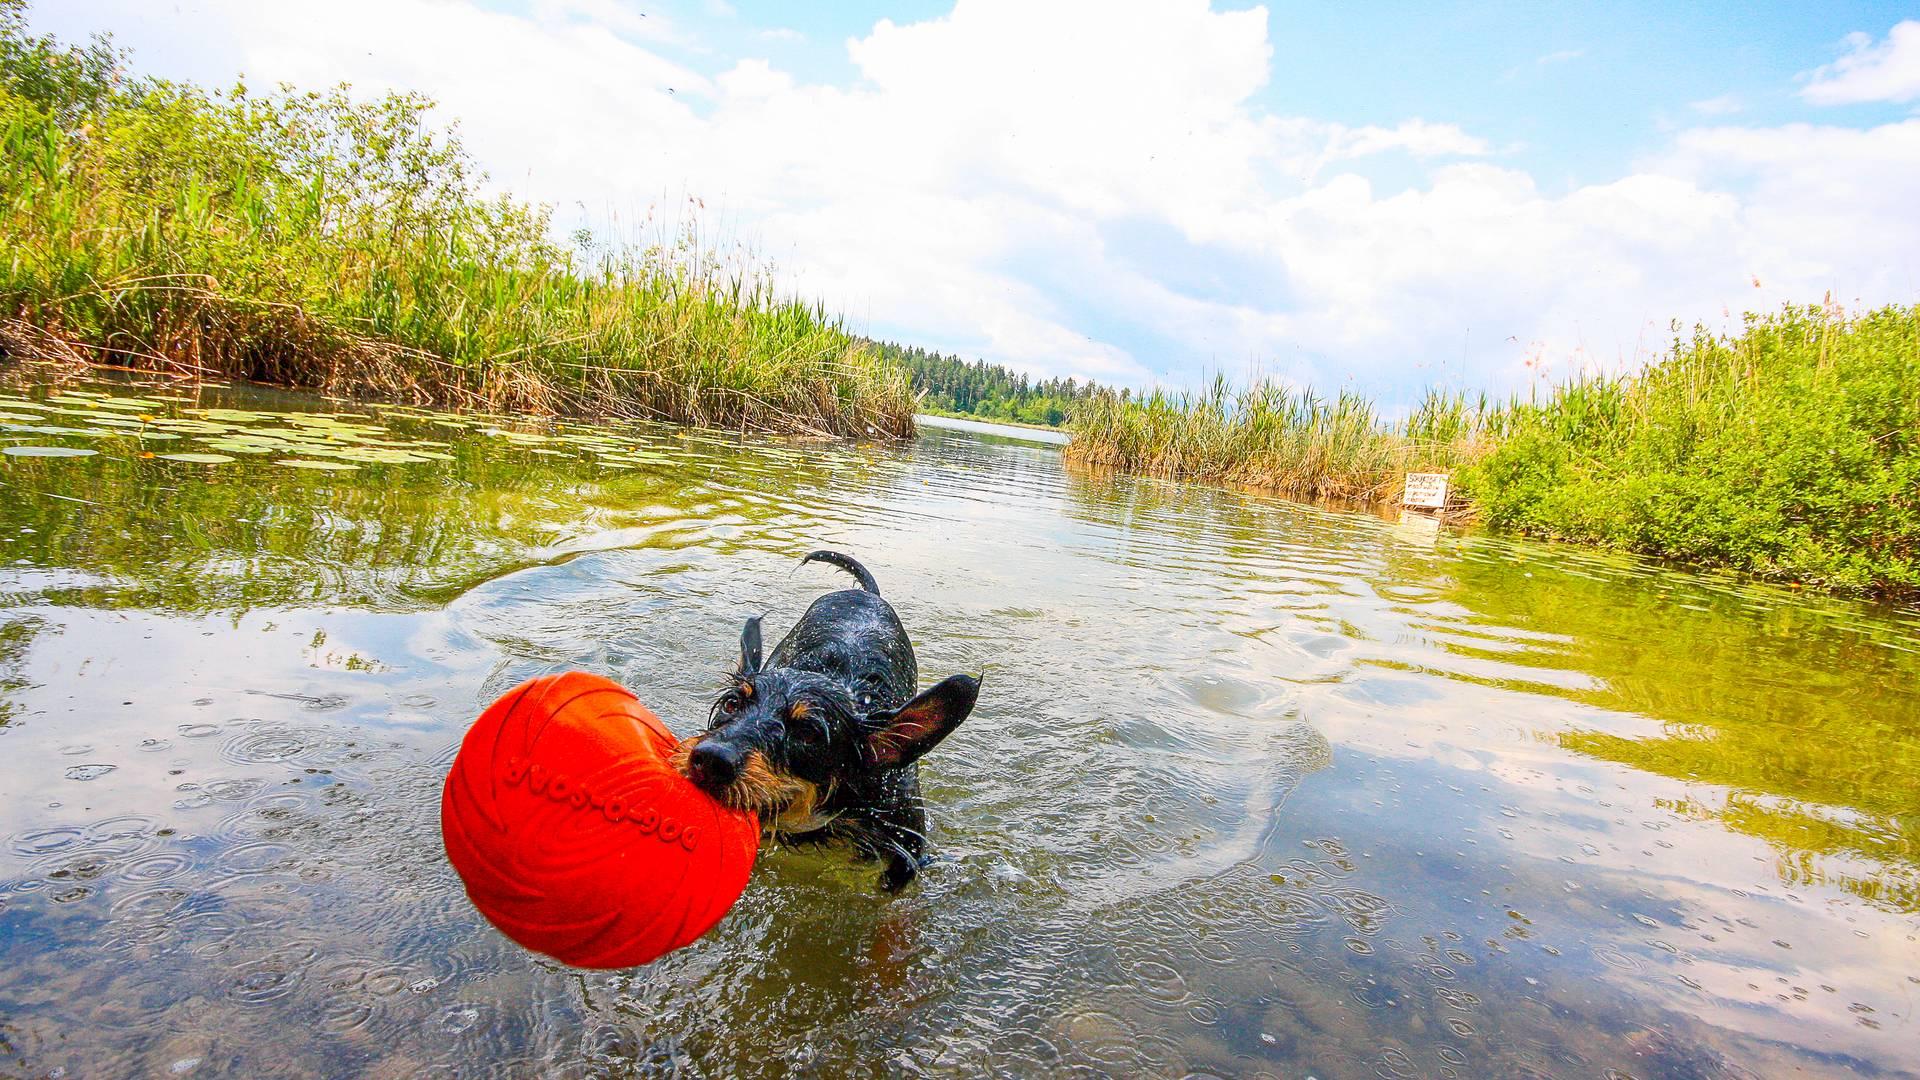 Aktiv-Urlaub mit Hund - Spass im Wasser